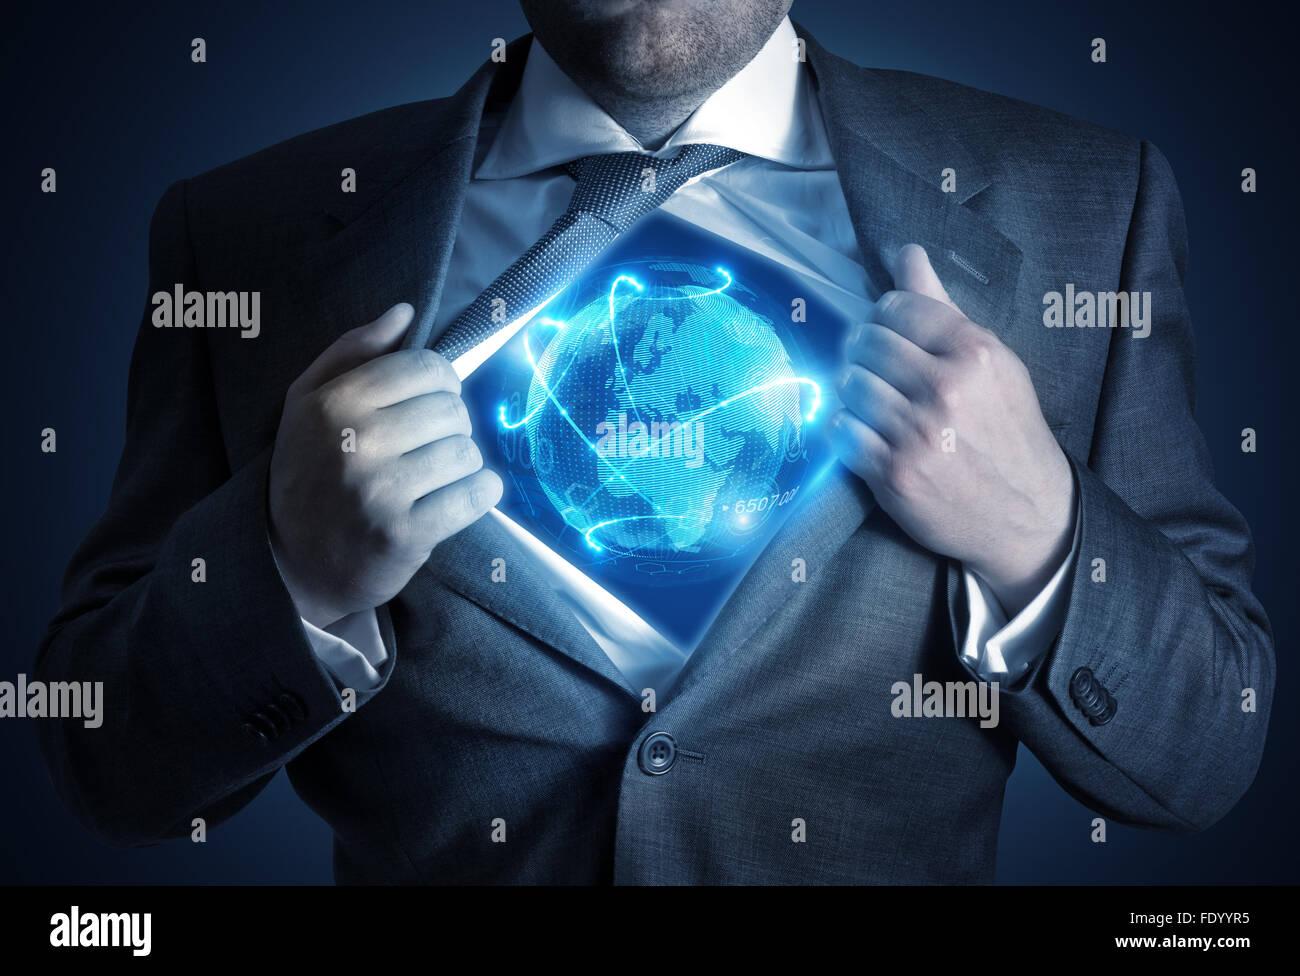 Empresario Mundial. Un empresario, revelando un mundo conectado. Concepto de negocio Imagen De Stock